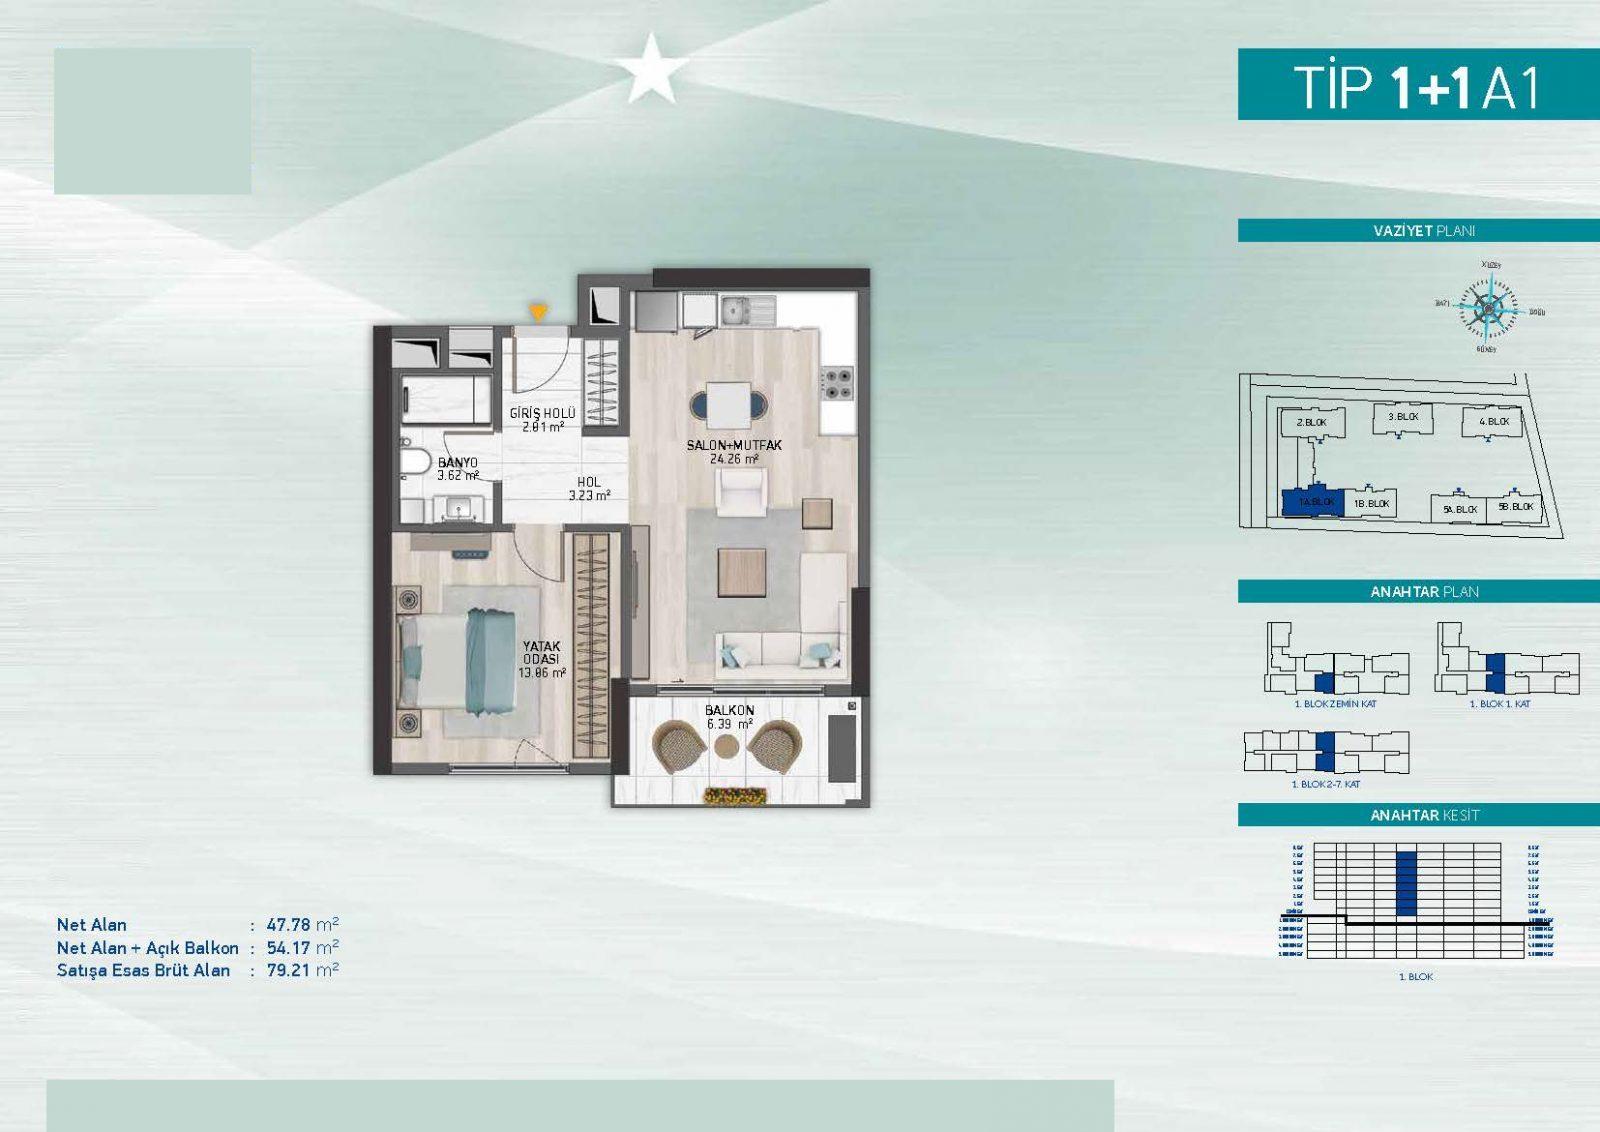 مشروع يدمج الجودة مع حياتك في قالب معماري رائع